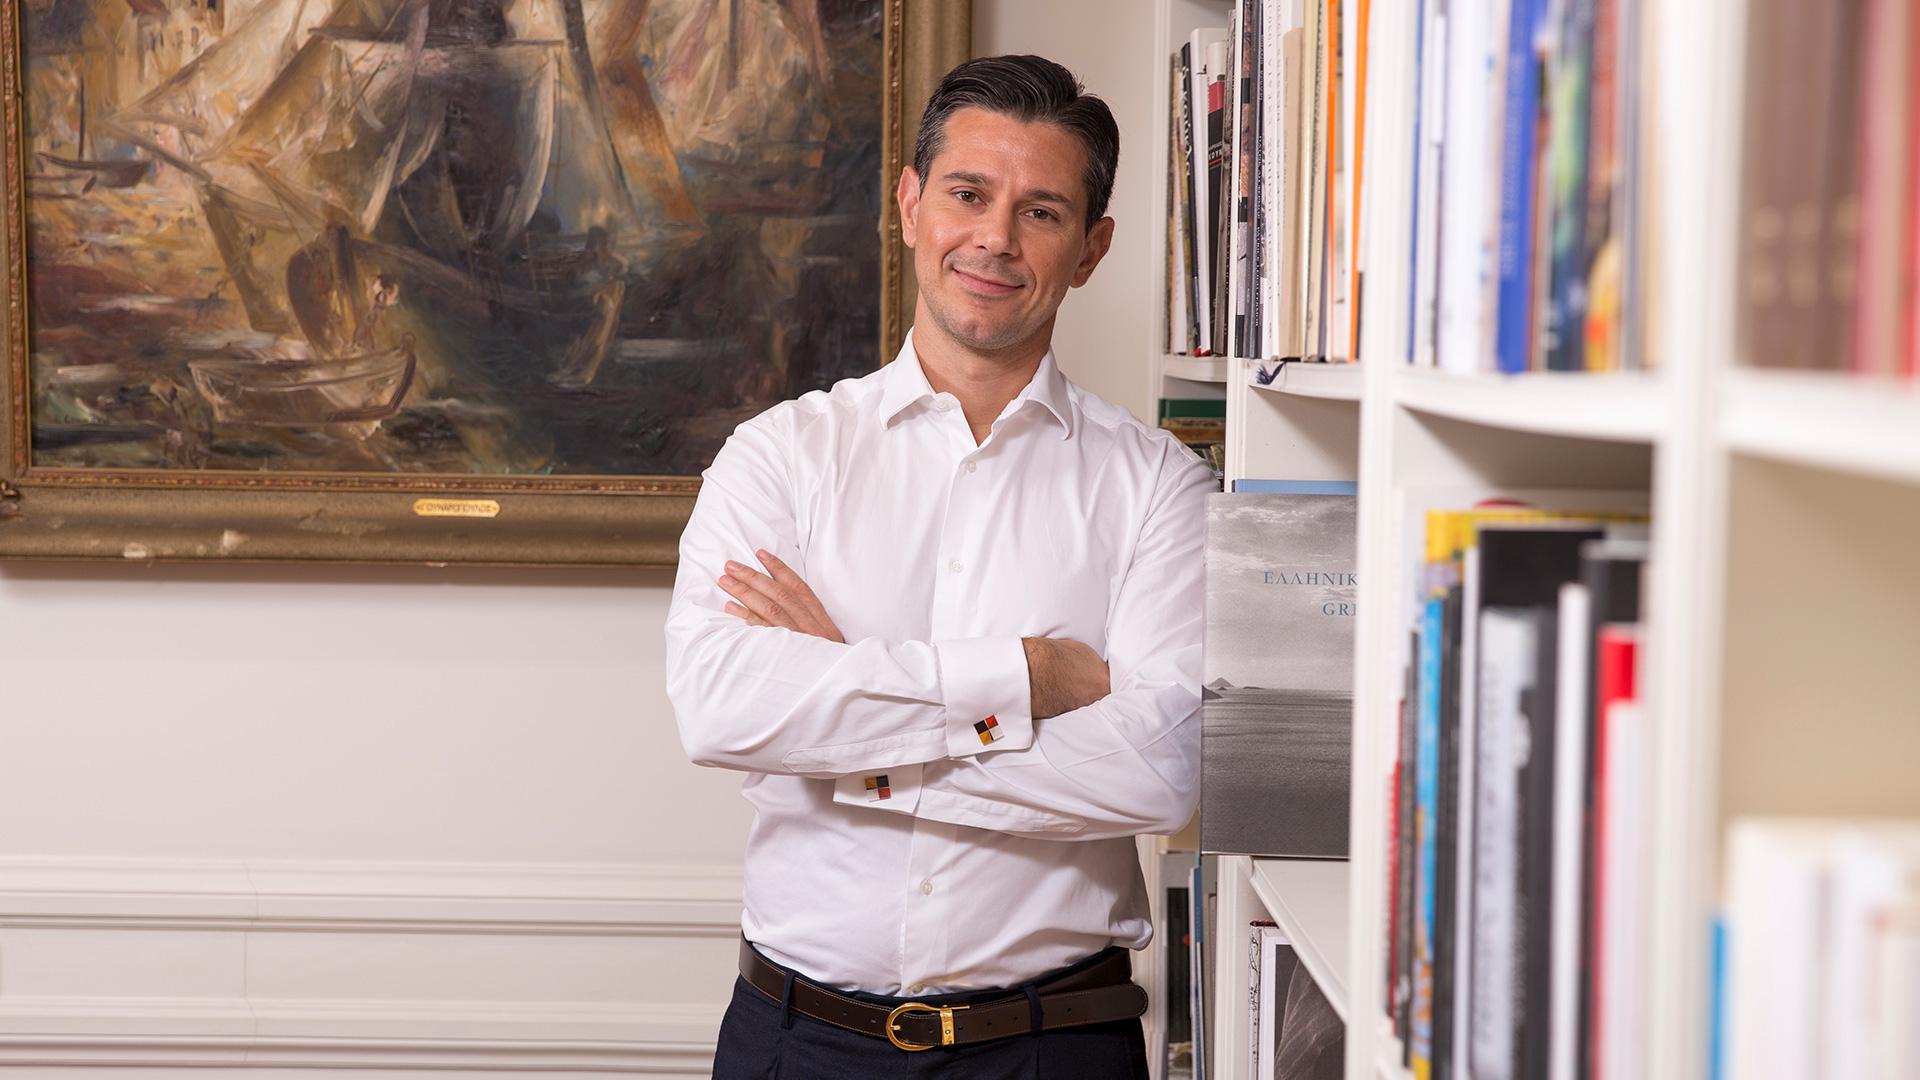 Χάρης Σιαμπάνης, Διευθύνων Σύμβουλος Μουσείου Μπενάκη